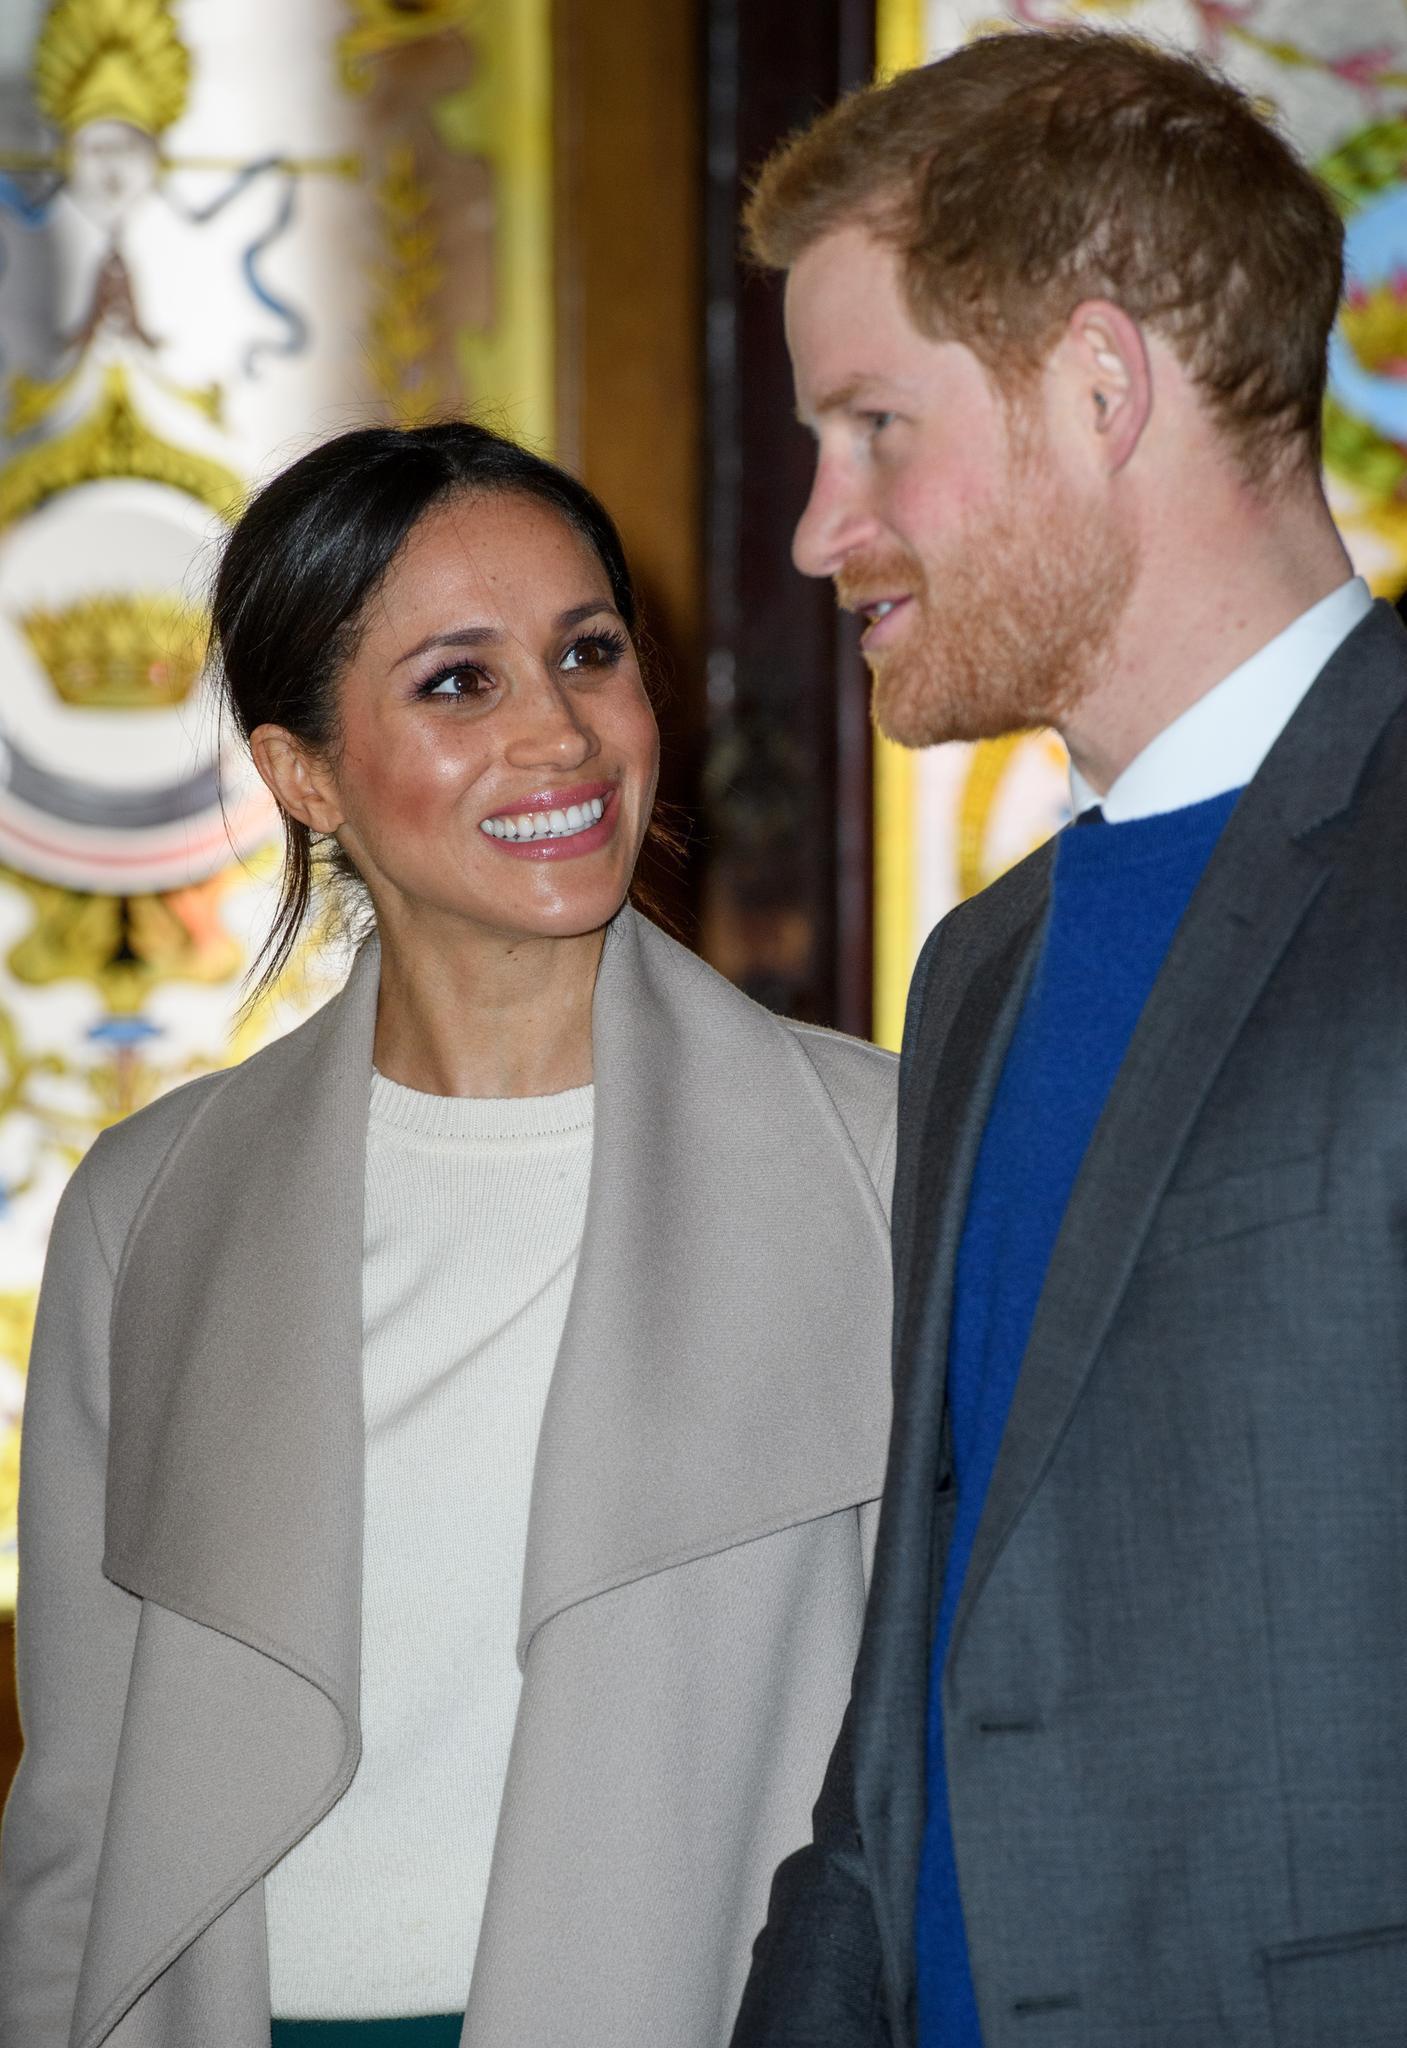 Gästeliste Hochzeit Prinz Harry  Meghan Markle Prinz Harry Queen schwänzt Teil ihrer